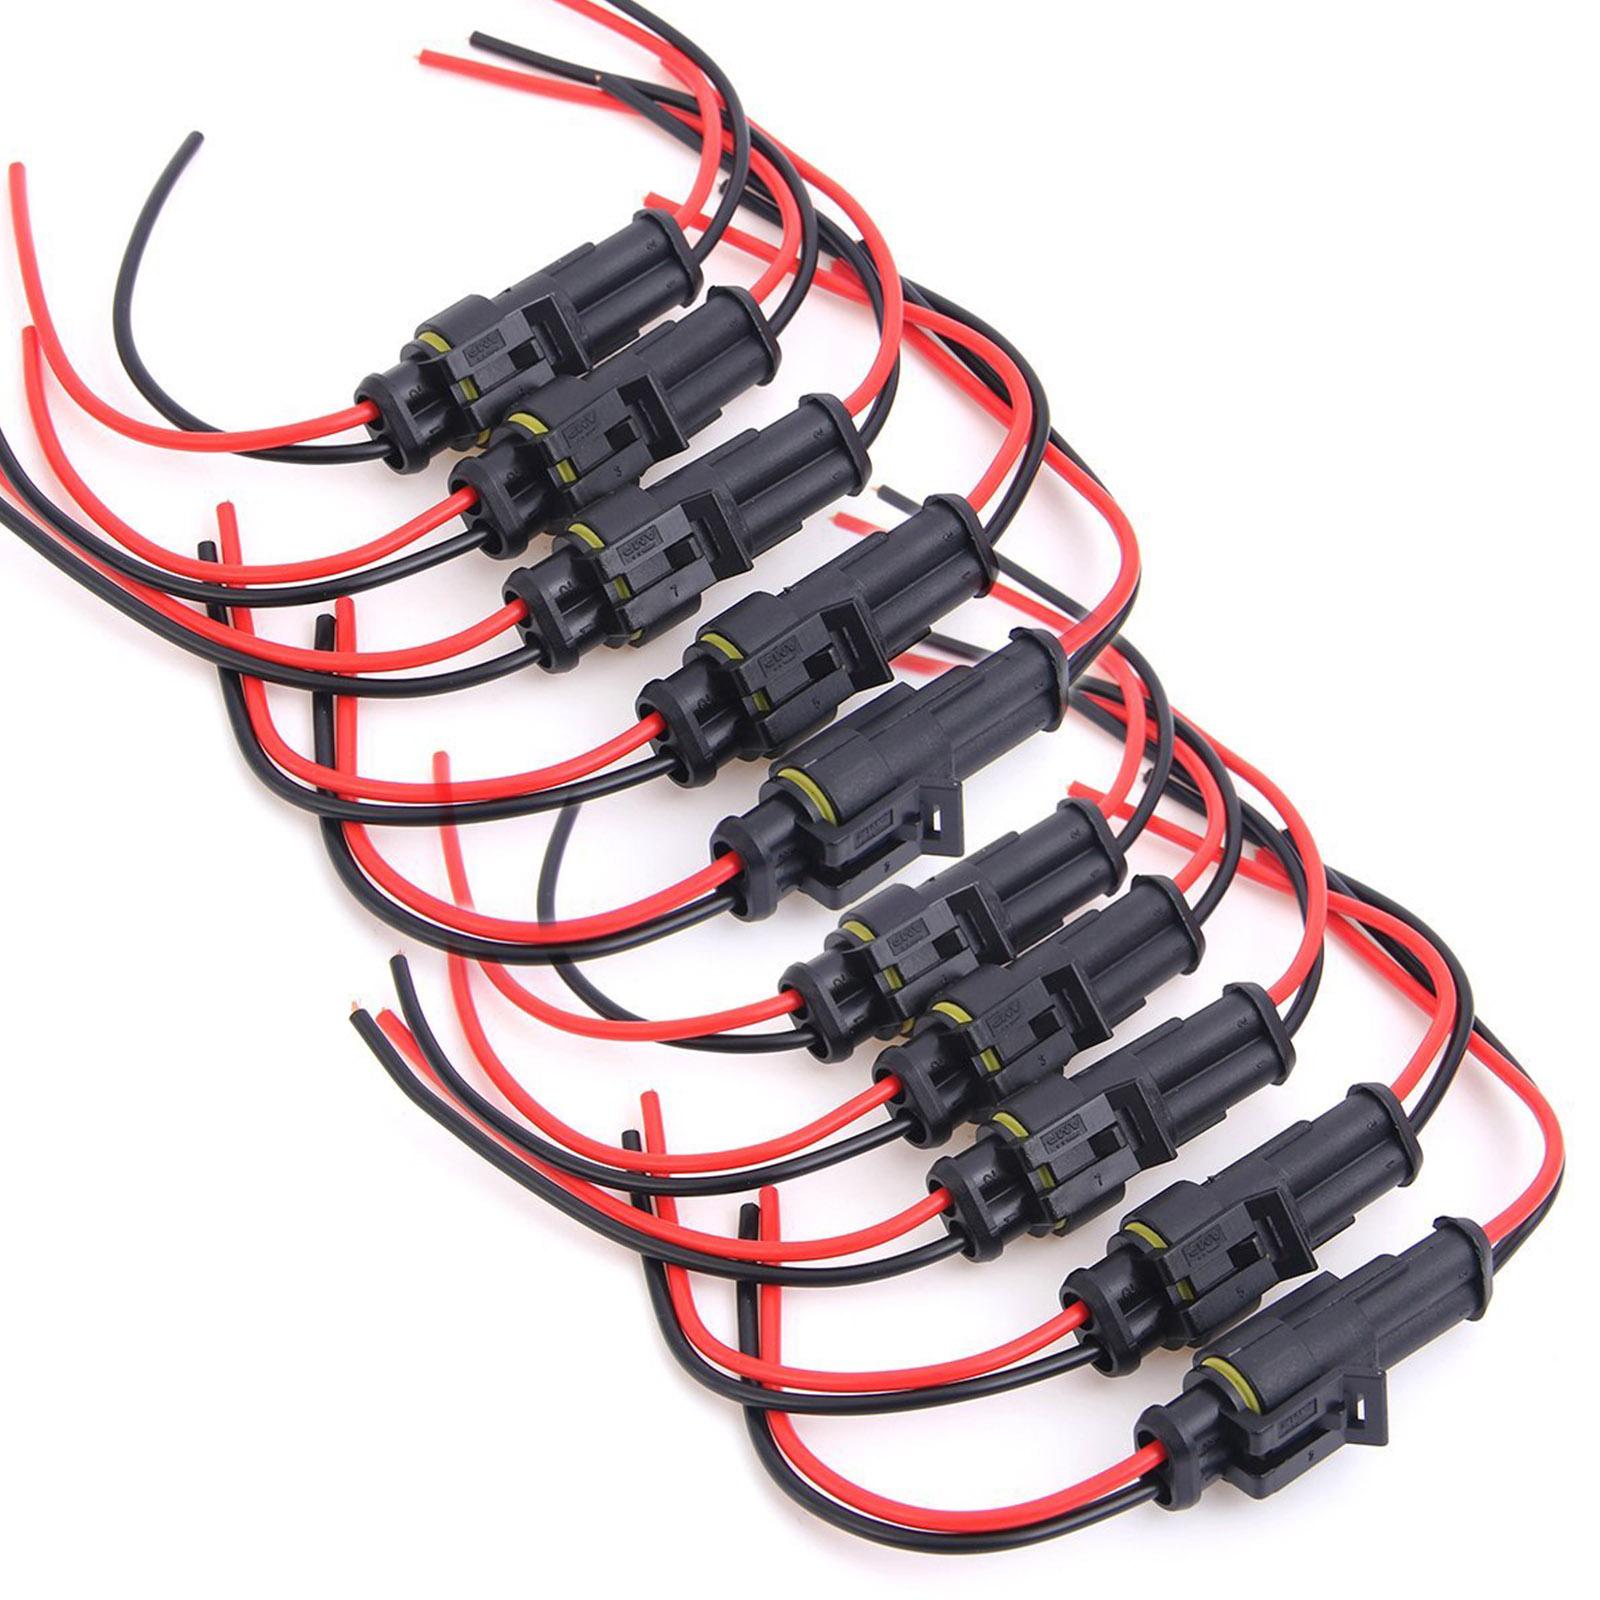 10x connecteur 2 fiches tanche avec cable electrique voiture bateau moto quad ebay. Black Bedroom Furniture Sets. Home Design Ideas